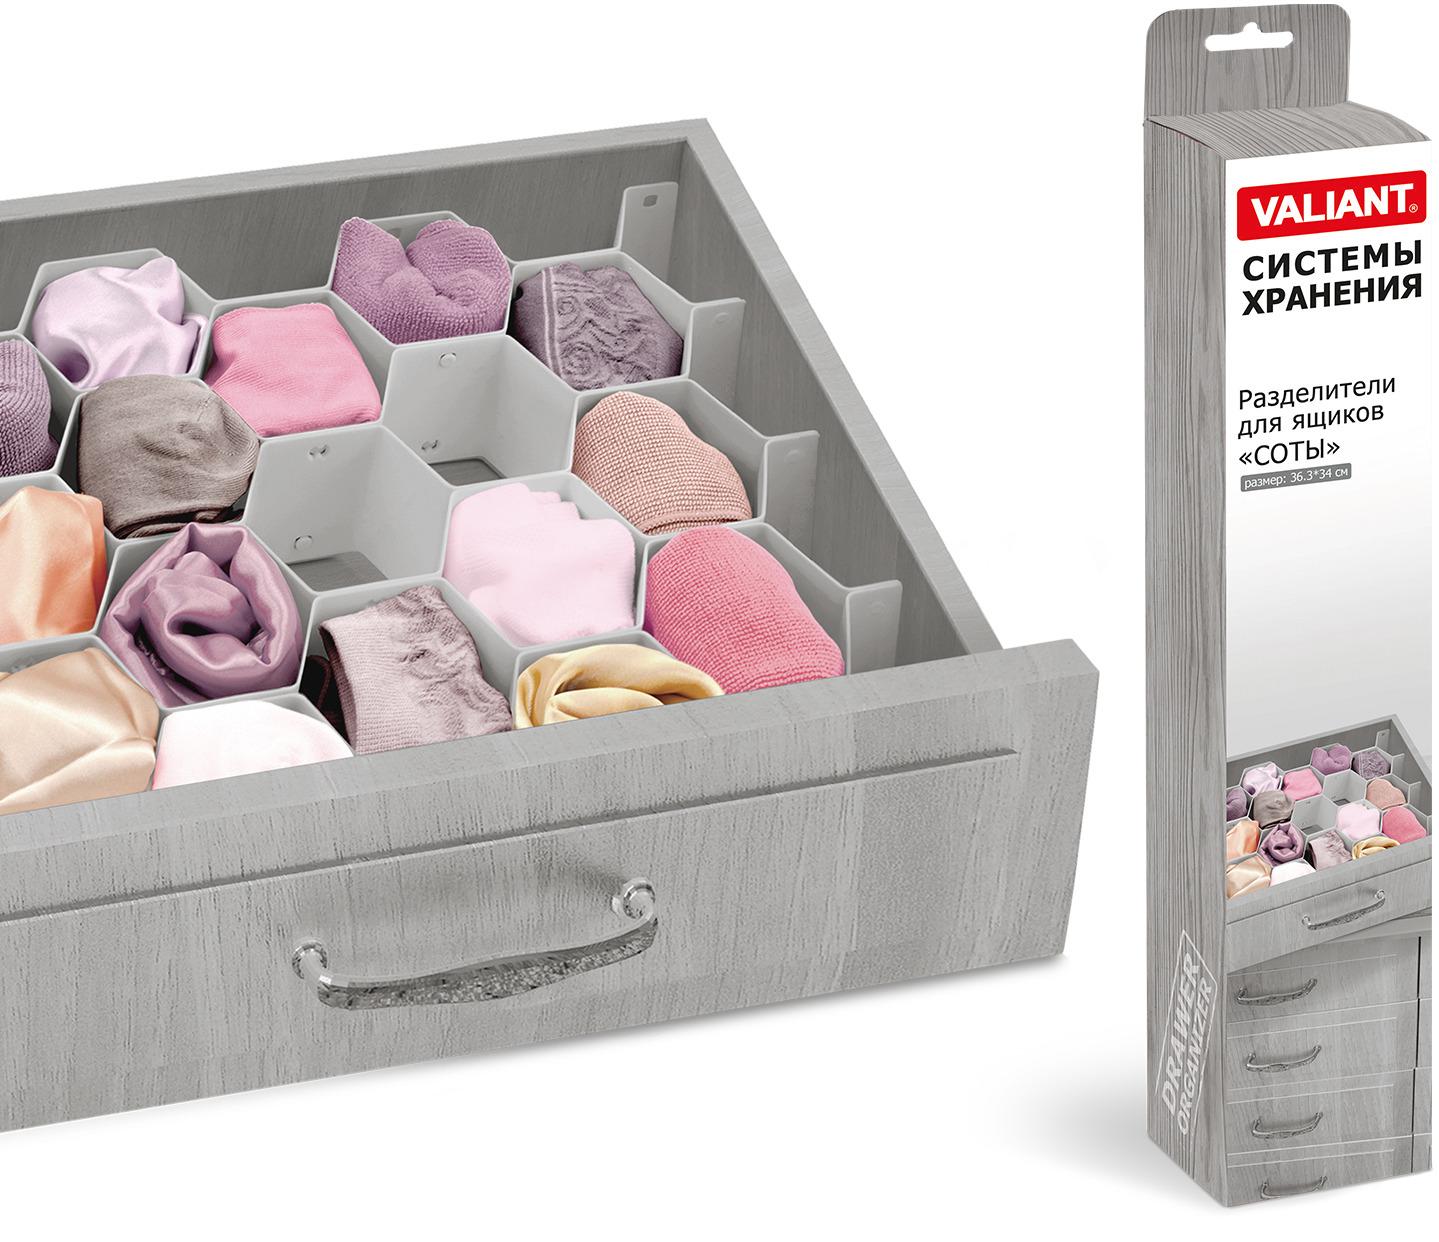 разделители в ящик valiant valiant mp002xu0e98t Разделители для ящика Valiant Drawer Organizer, цвет: серый, 37 x 7 см, 8 шт